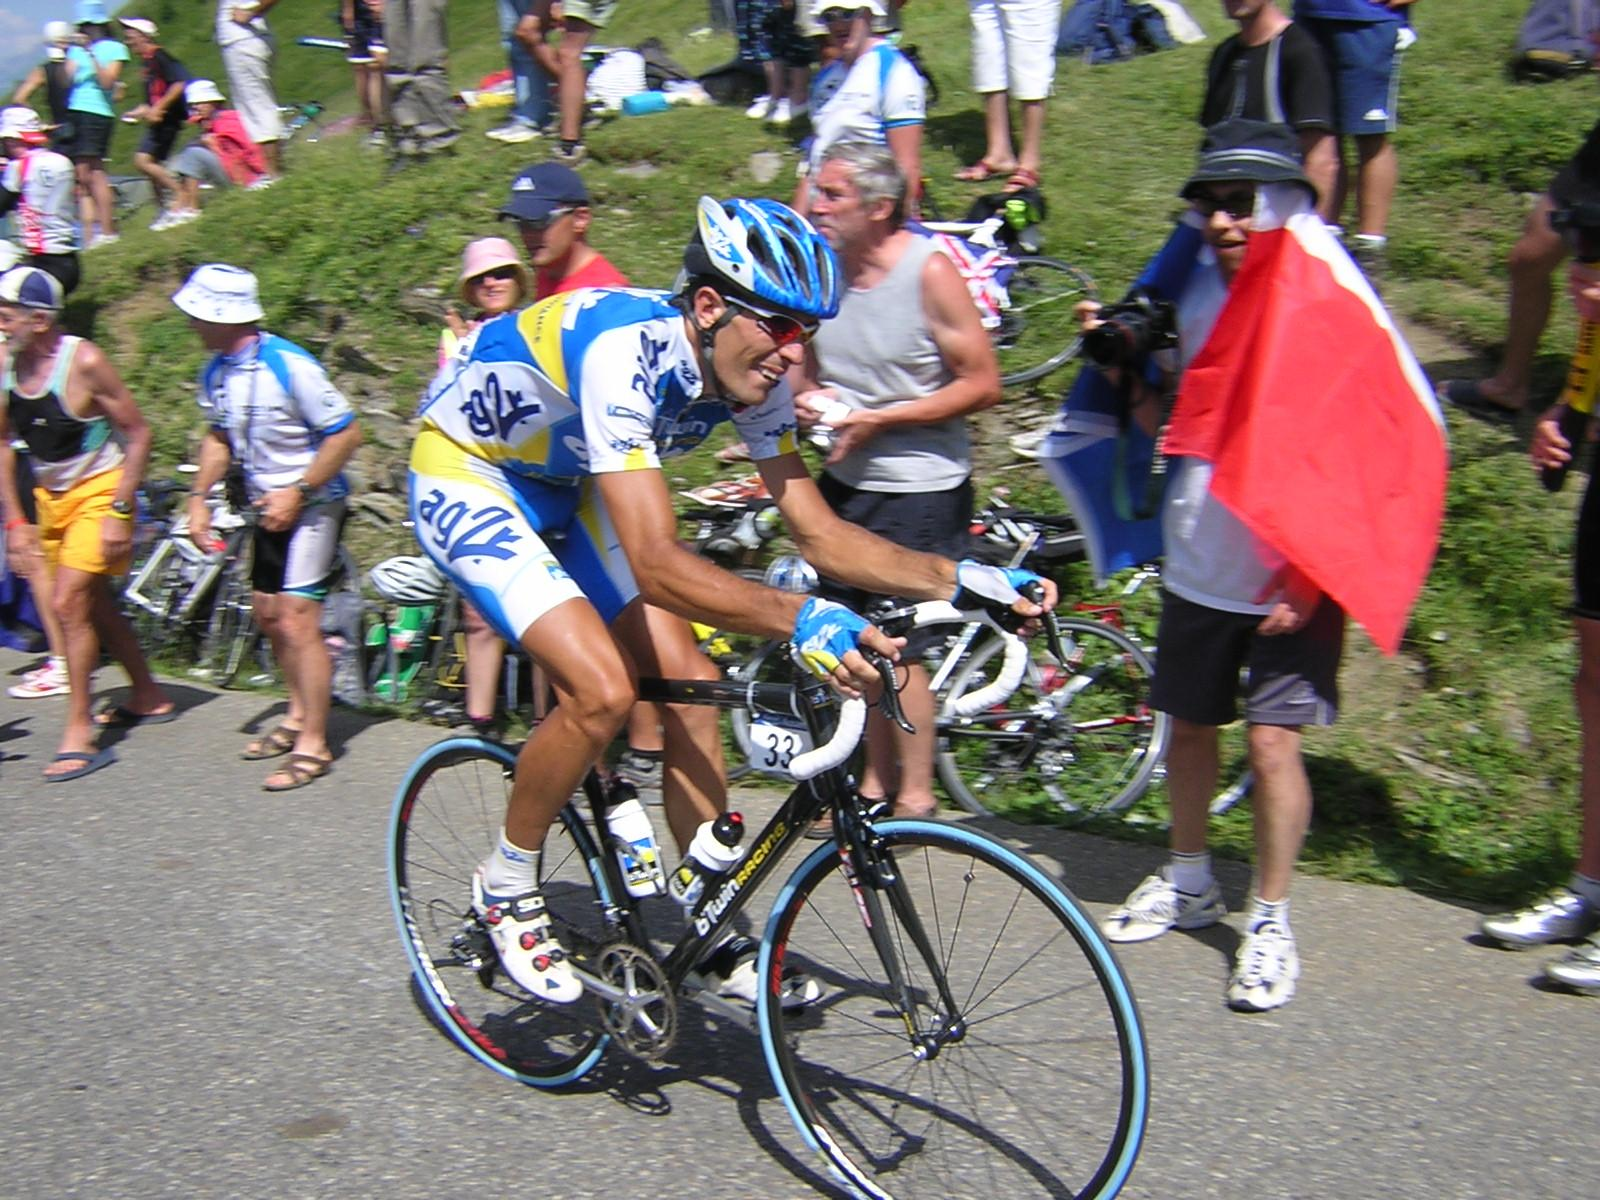 Fin de carrière pour Mikel Astarloza, ici au sommet du Col du Glandon